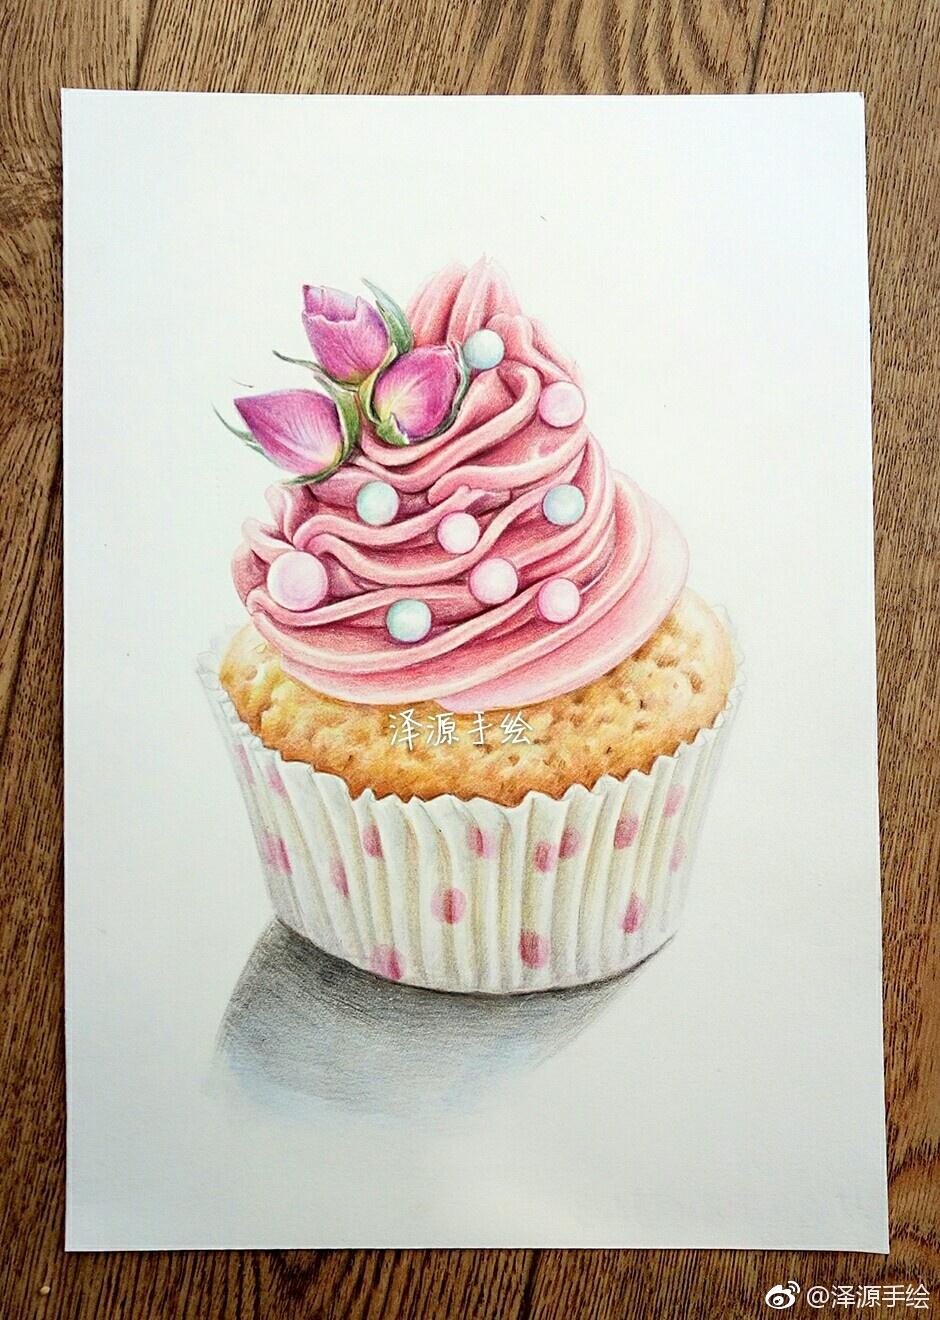 彩铅手绘鲜花蛋糕图集